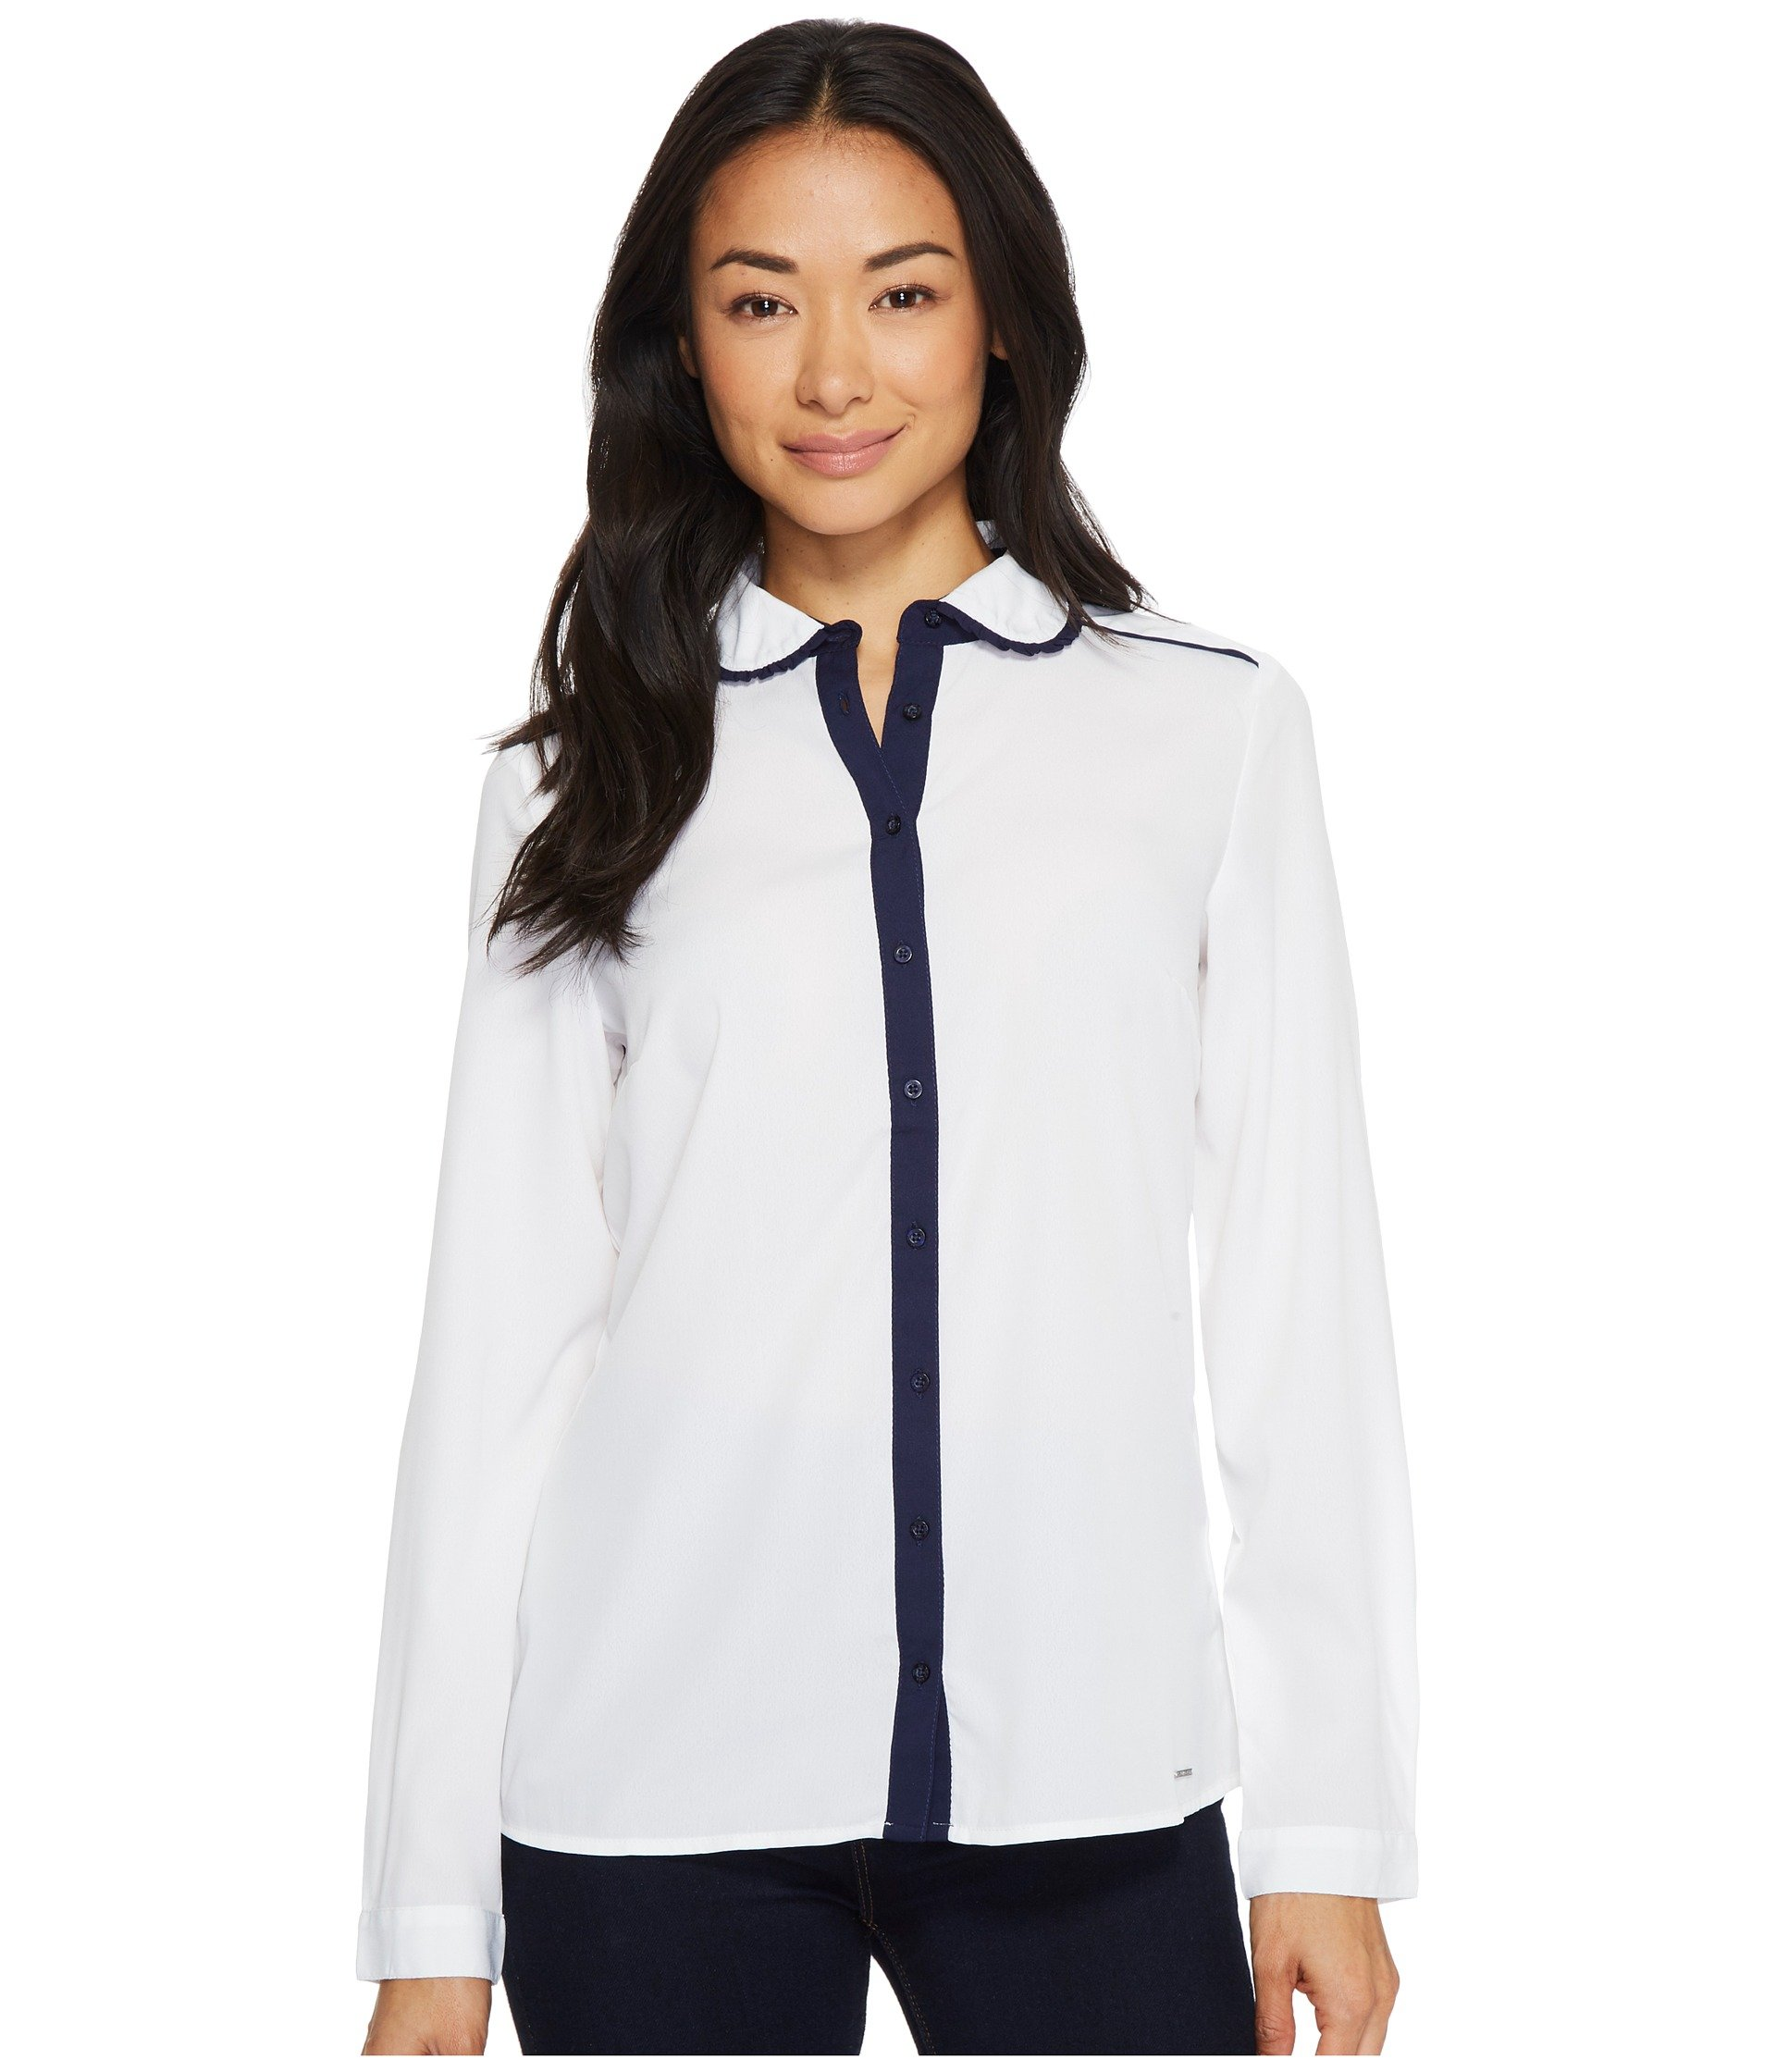 Blusa para Mujer U.S. POLO ASSN. Crepe de Chine Blouse  + U.S. POLO ASSN. en VeoyCompro.net